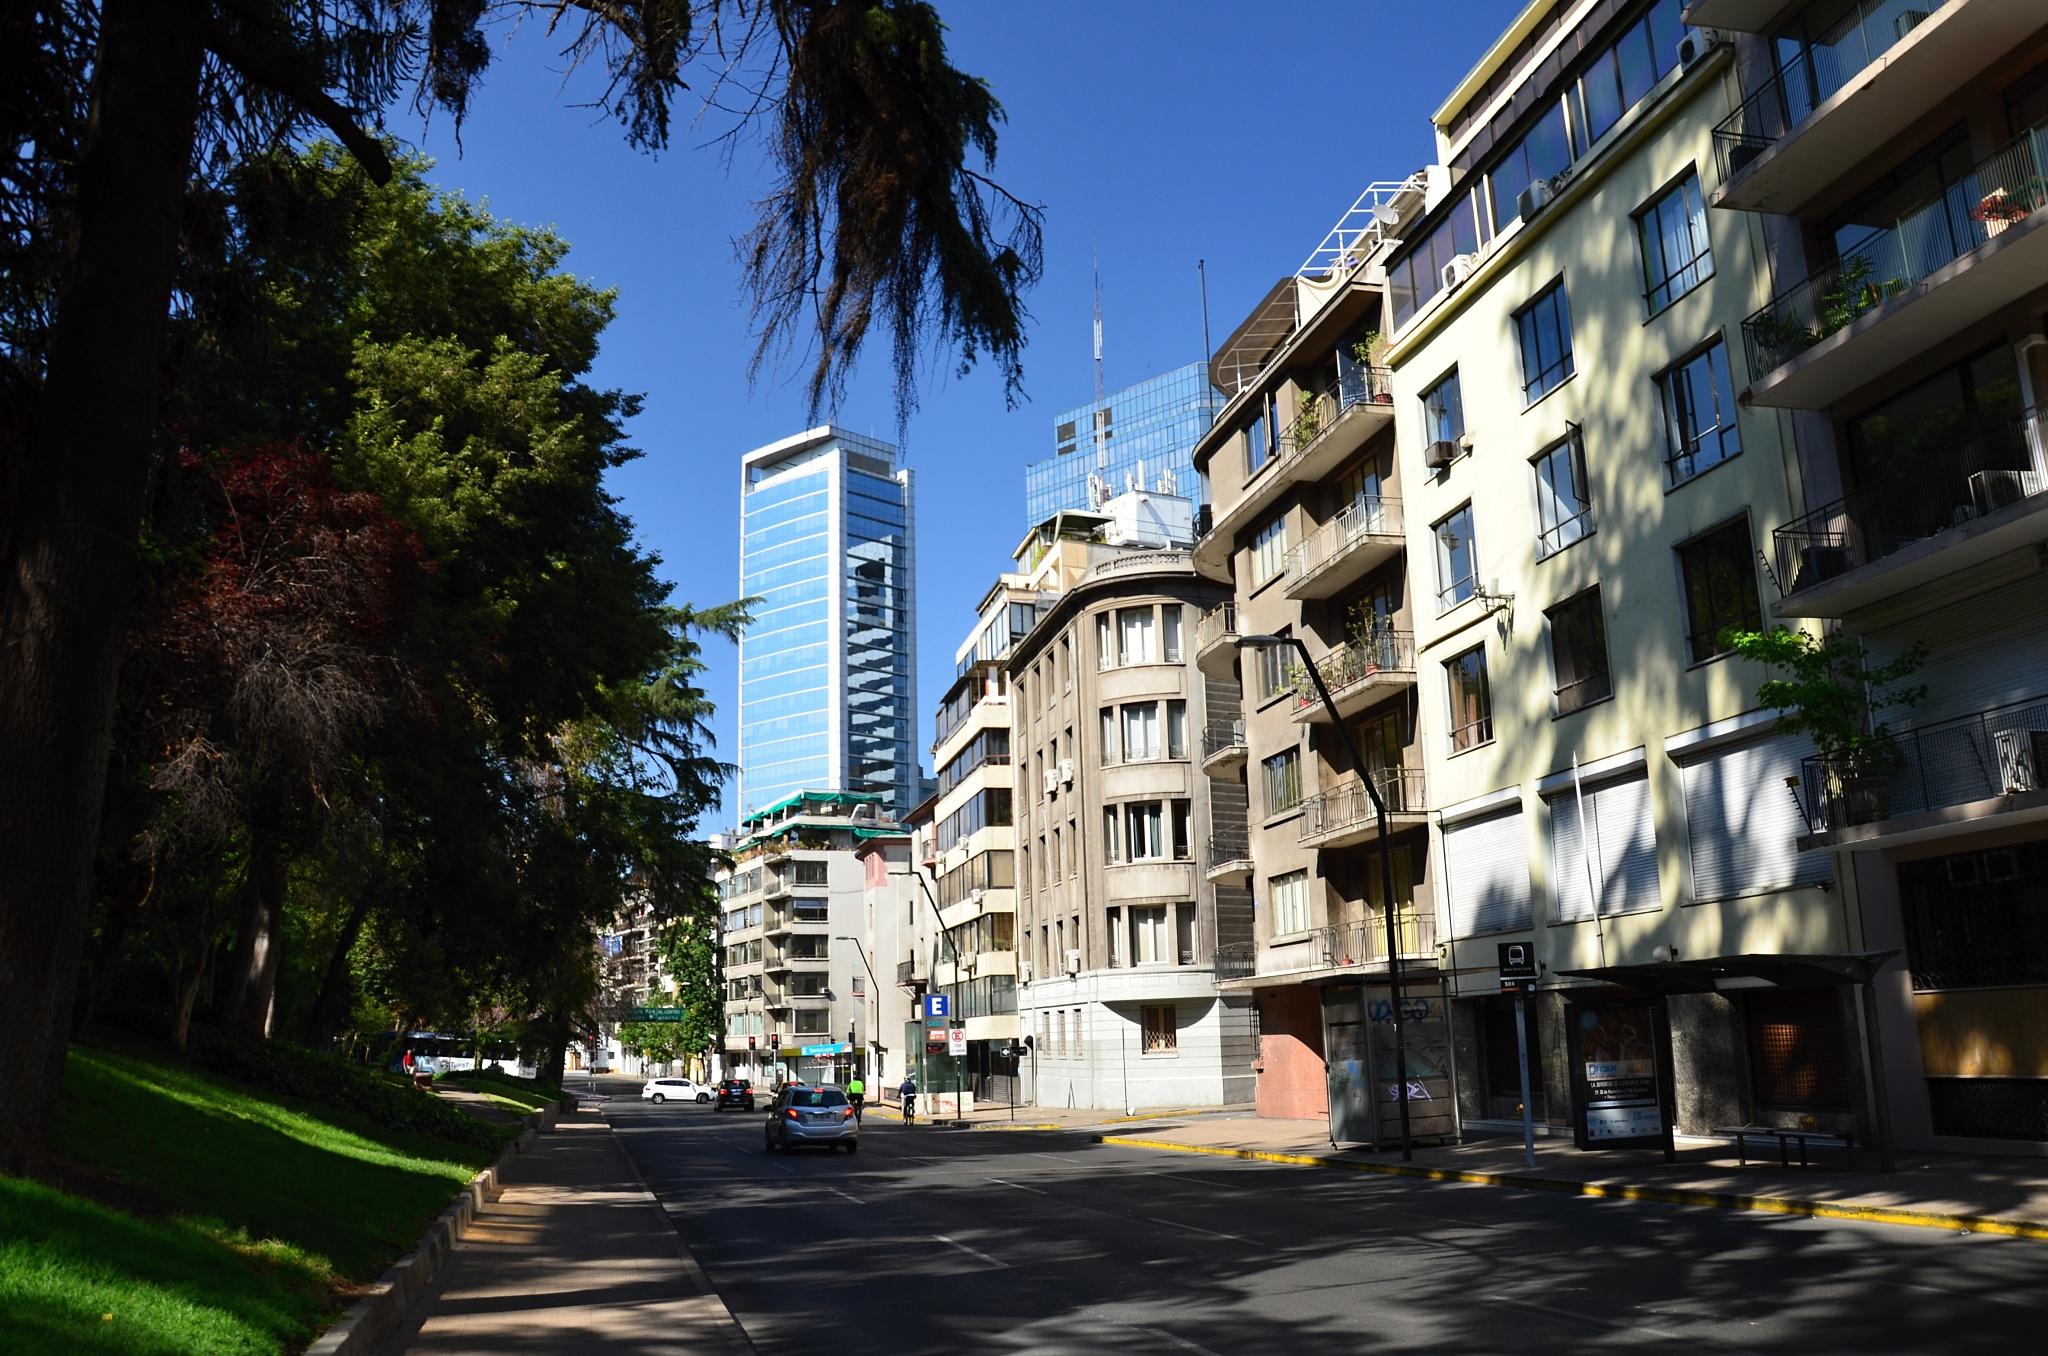 Ulice v těsném sousedství našeho hotelu